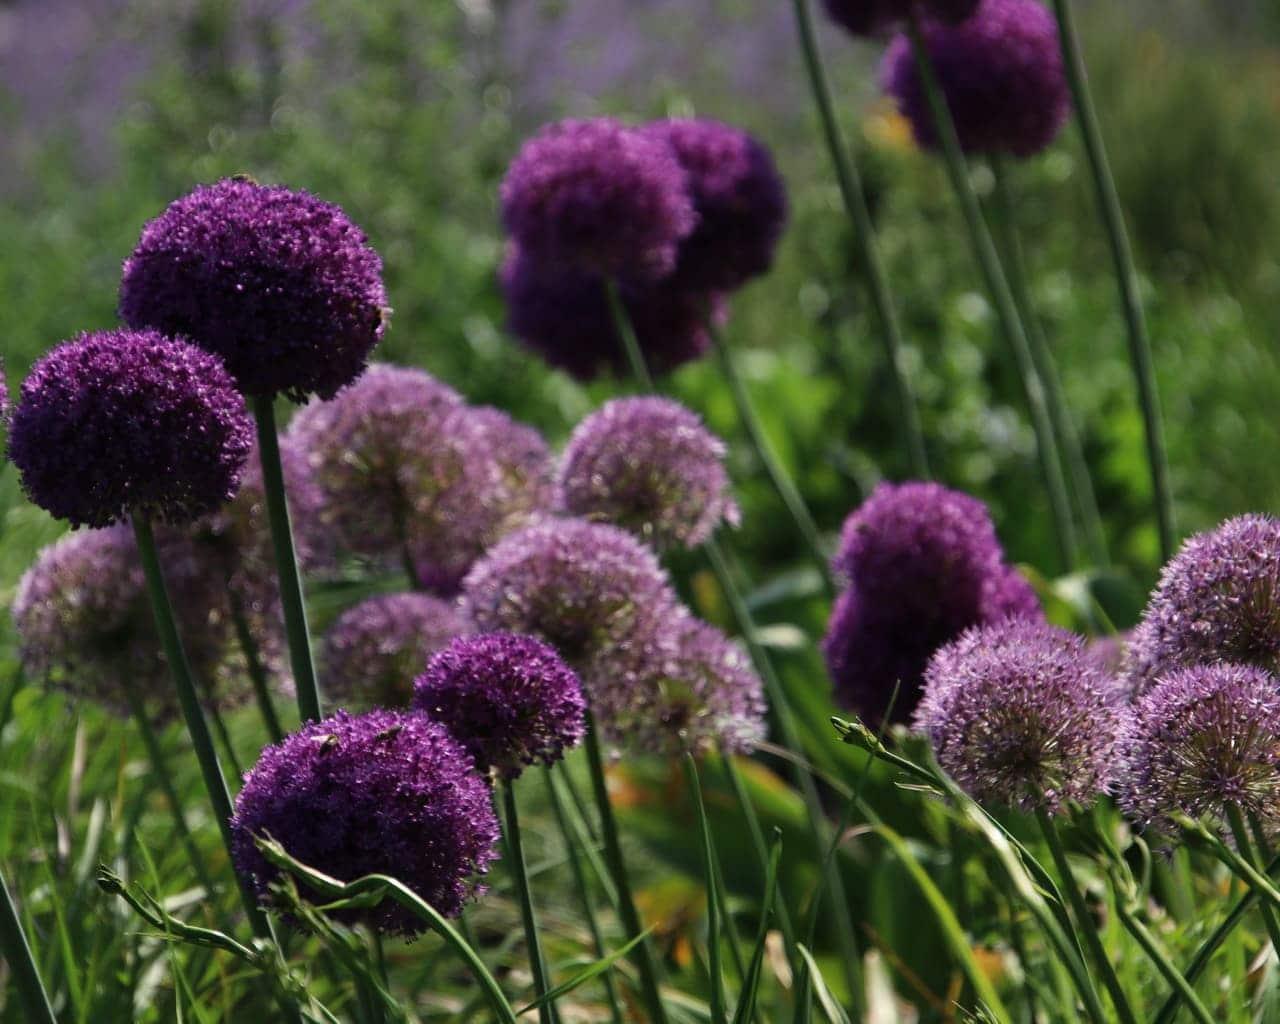 Zierlauch, Allium aflatunense verwildert im Garten